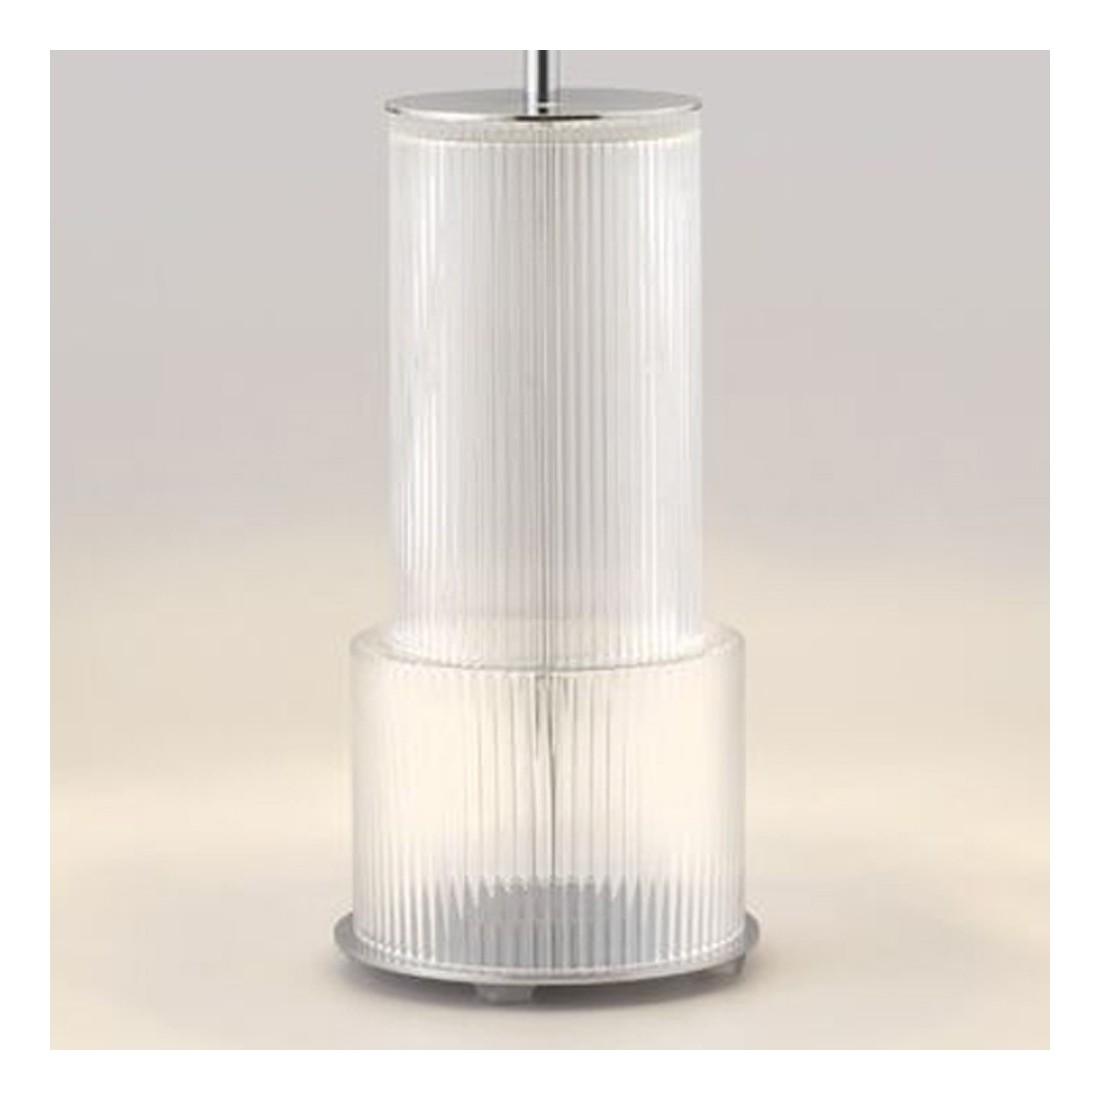 l mpara de techo colgante de metal acabado blanco roto bombilla bajo consumo admite luz led. Black Bedroom Furniture Sets. Home Design Ideas